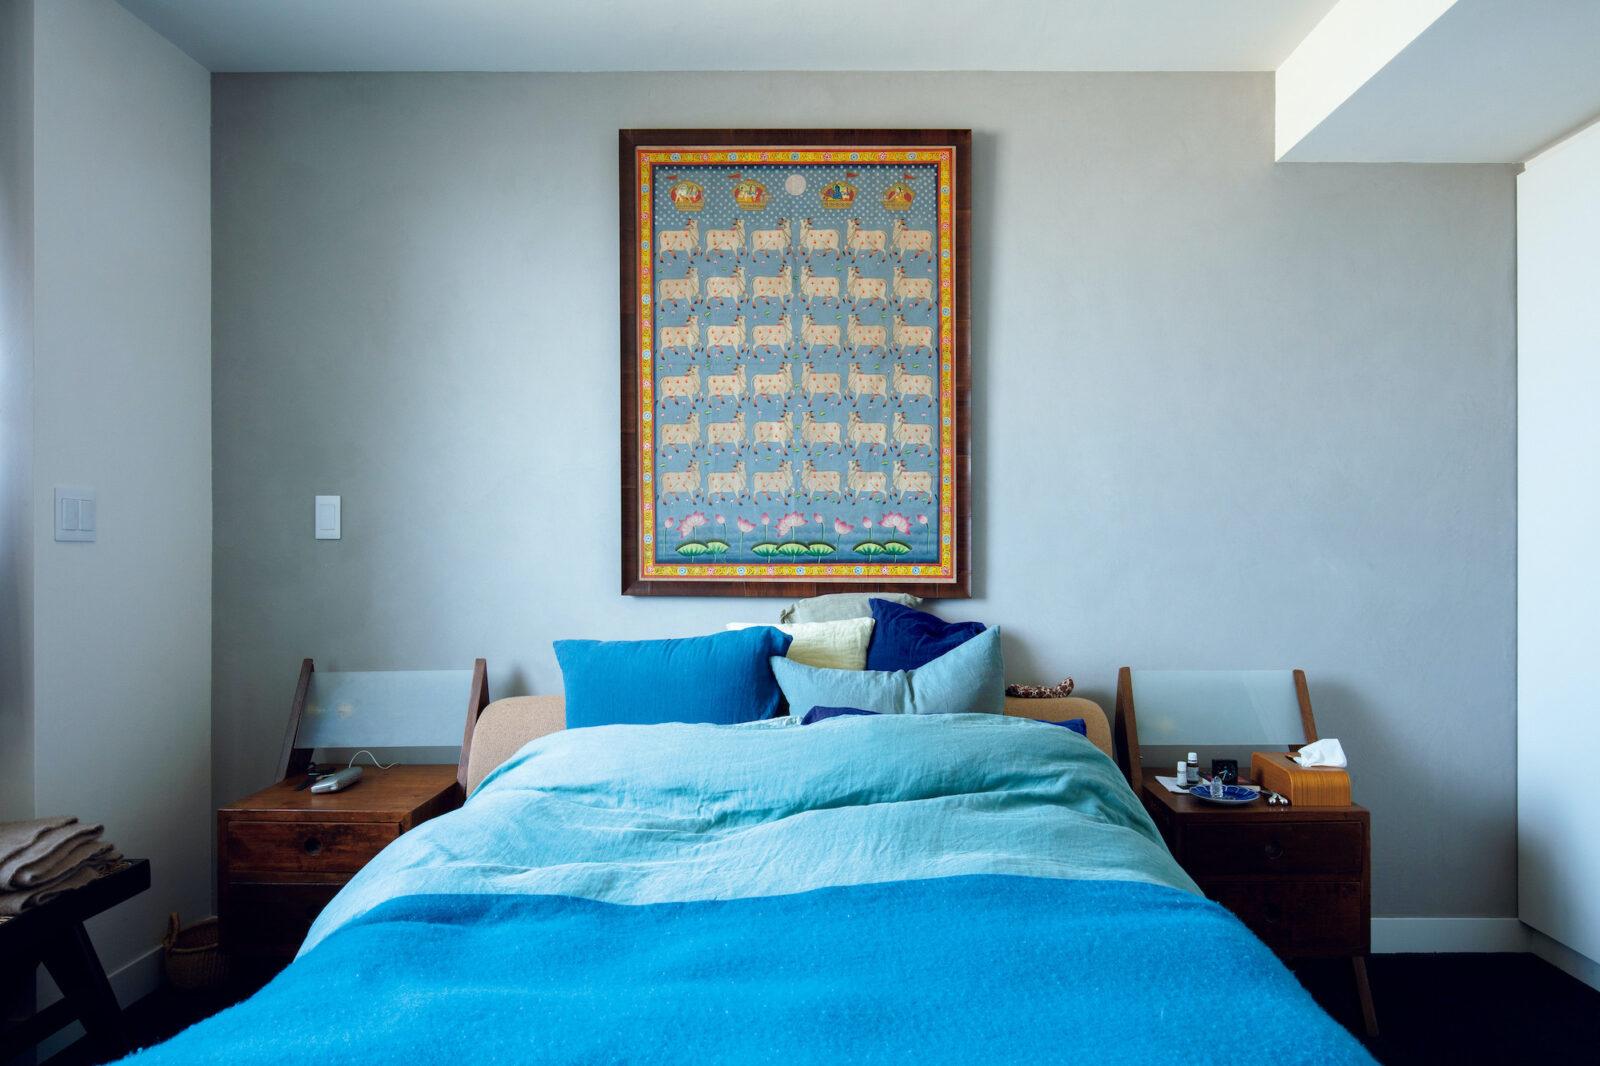 ビーチリゾートの静けさをイメージして、ブルーを基調にしたベッドルーム。壁は漆喰でグレーのグラデーションに仕上げた。部屋に合わせて額装したのは、インドの祈りでも使われる「ピクワイ」の絵画。